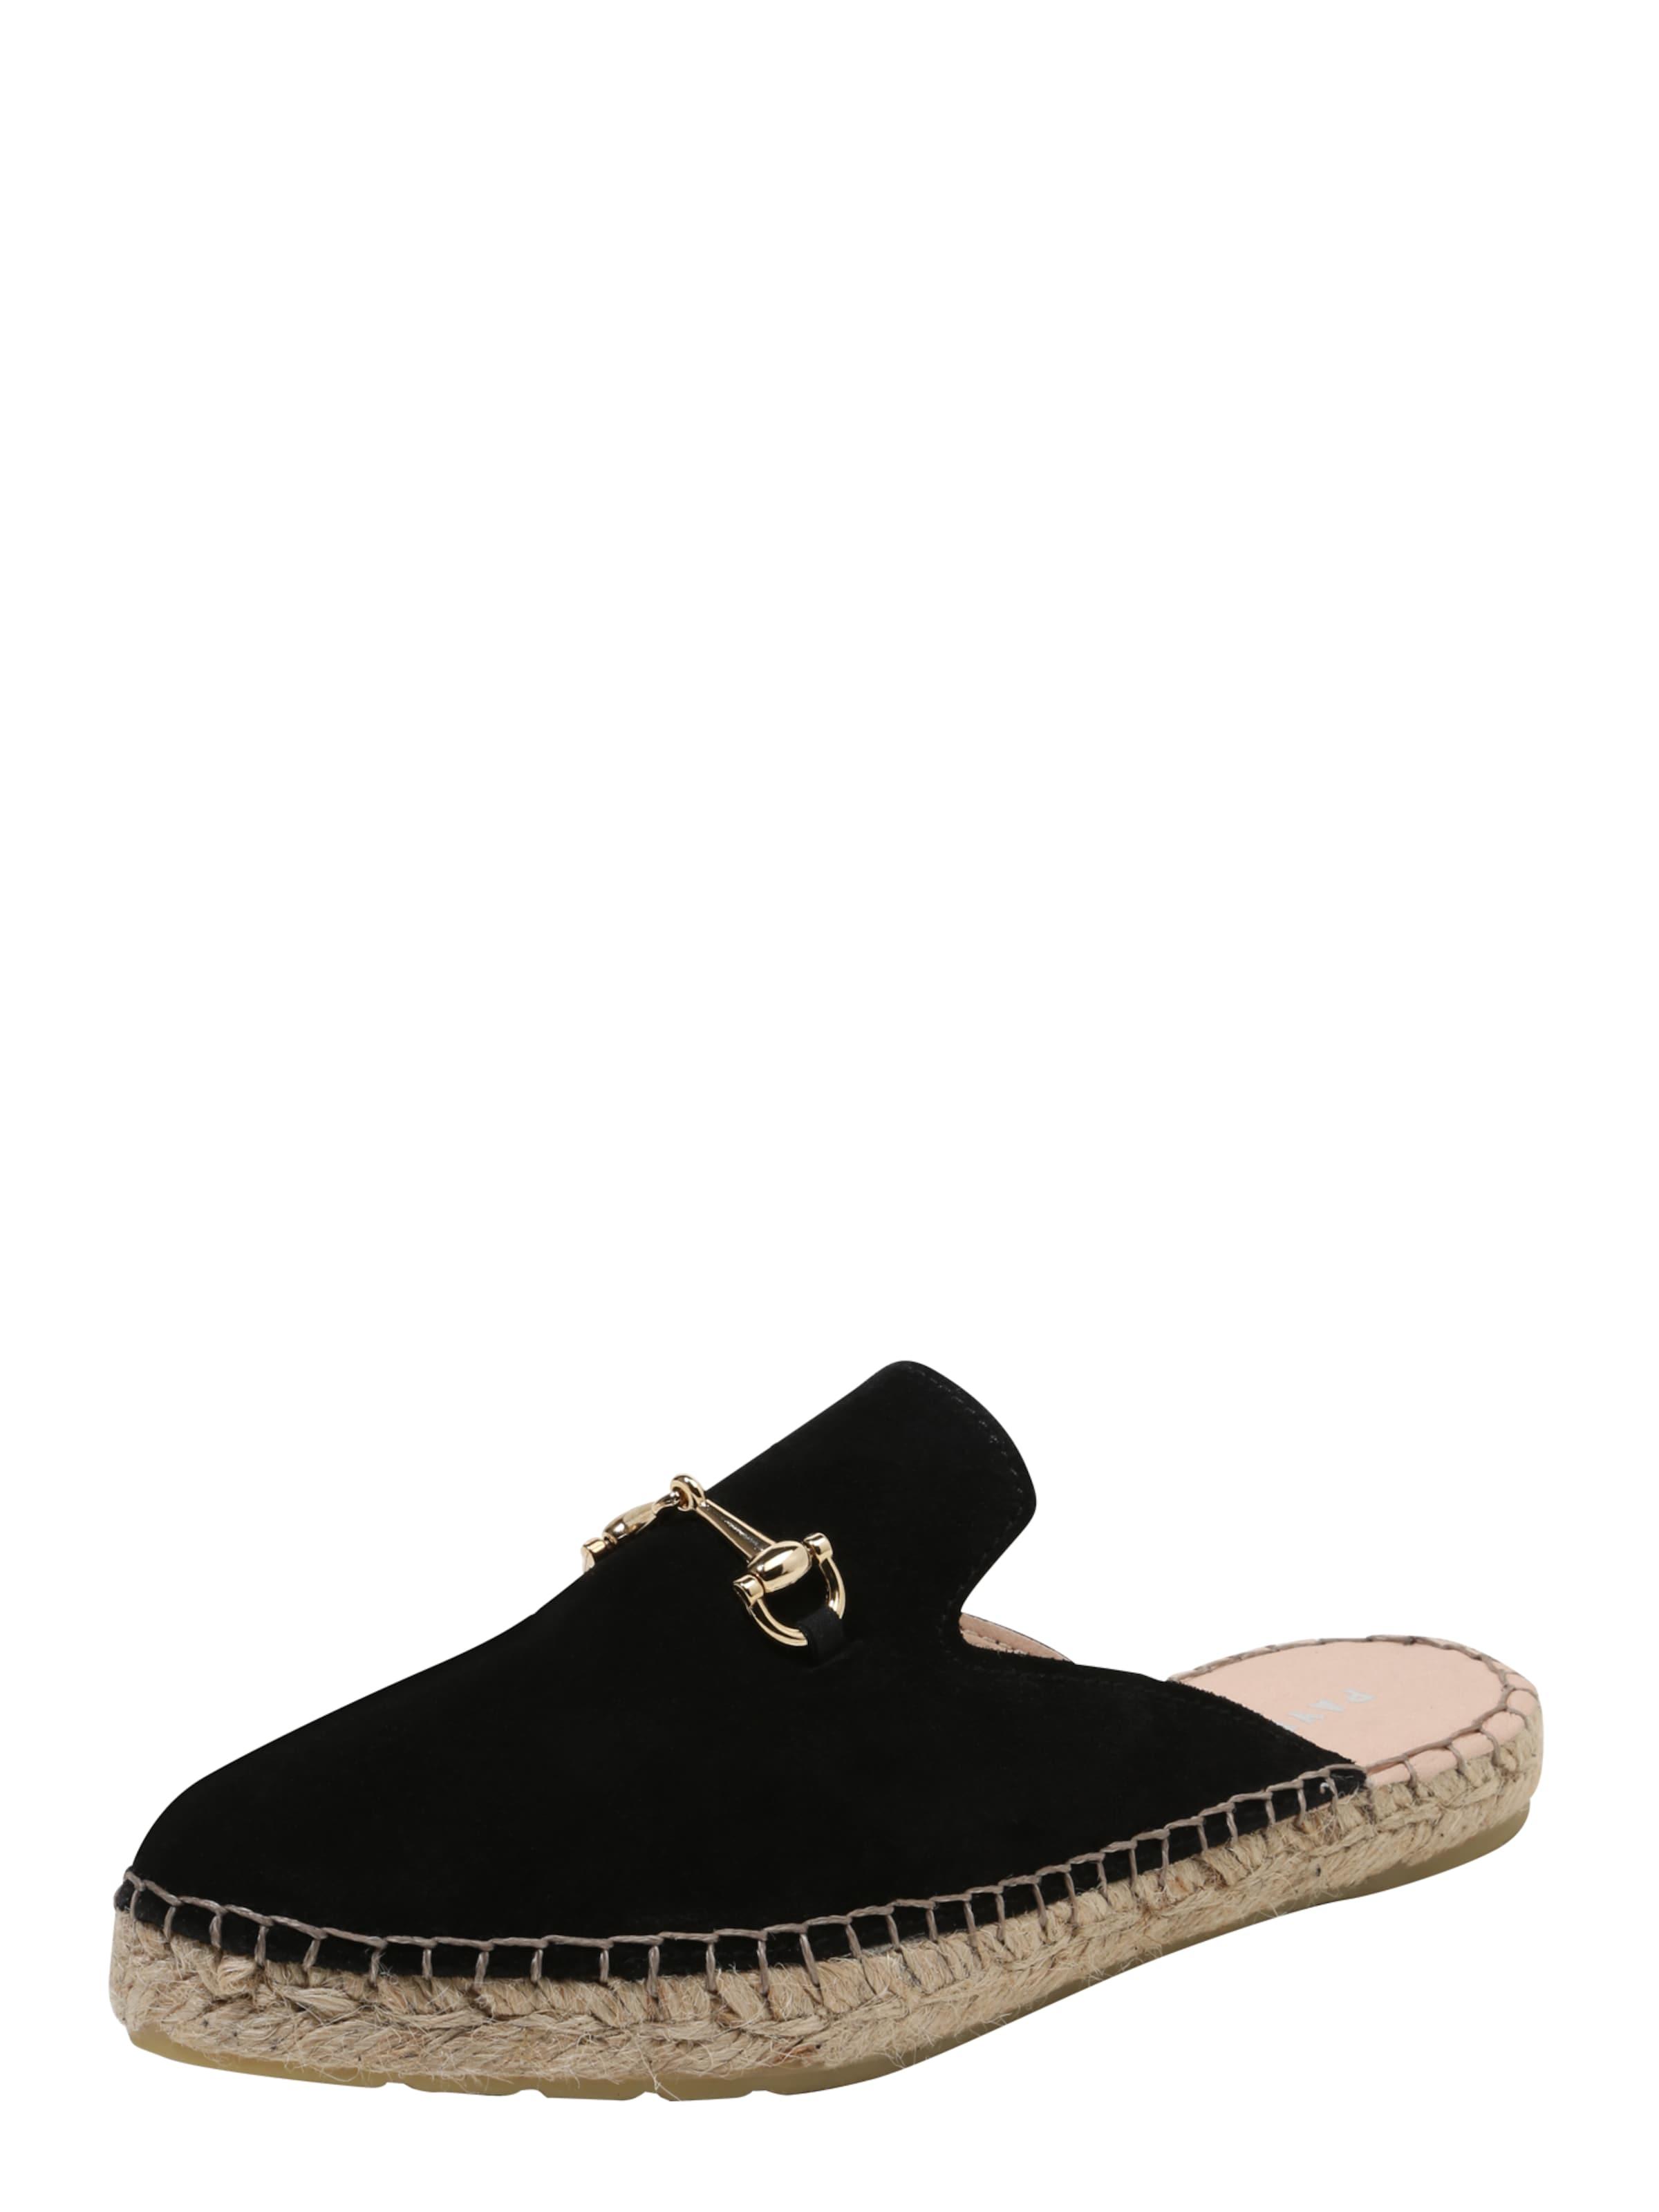 PAVEMENT Pantolette Firenze Verschleißfeste billige Schuhe